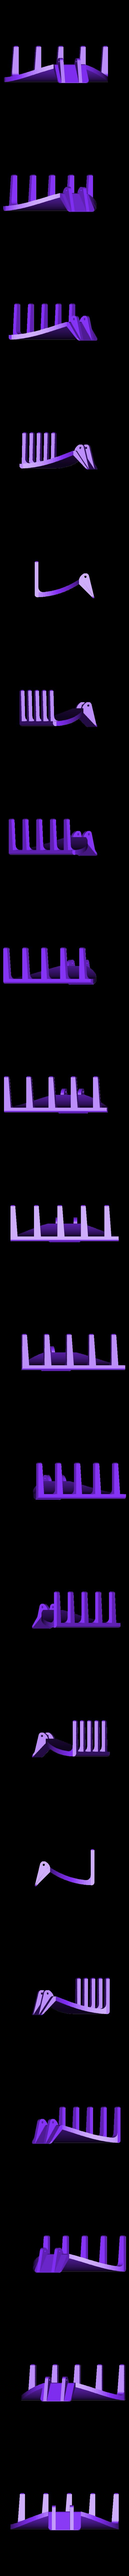 spinka_v2.stl Télécharger fichier STL gratuit Pince à cheveux • Plan imprimable en 3D, kpawel